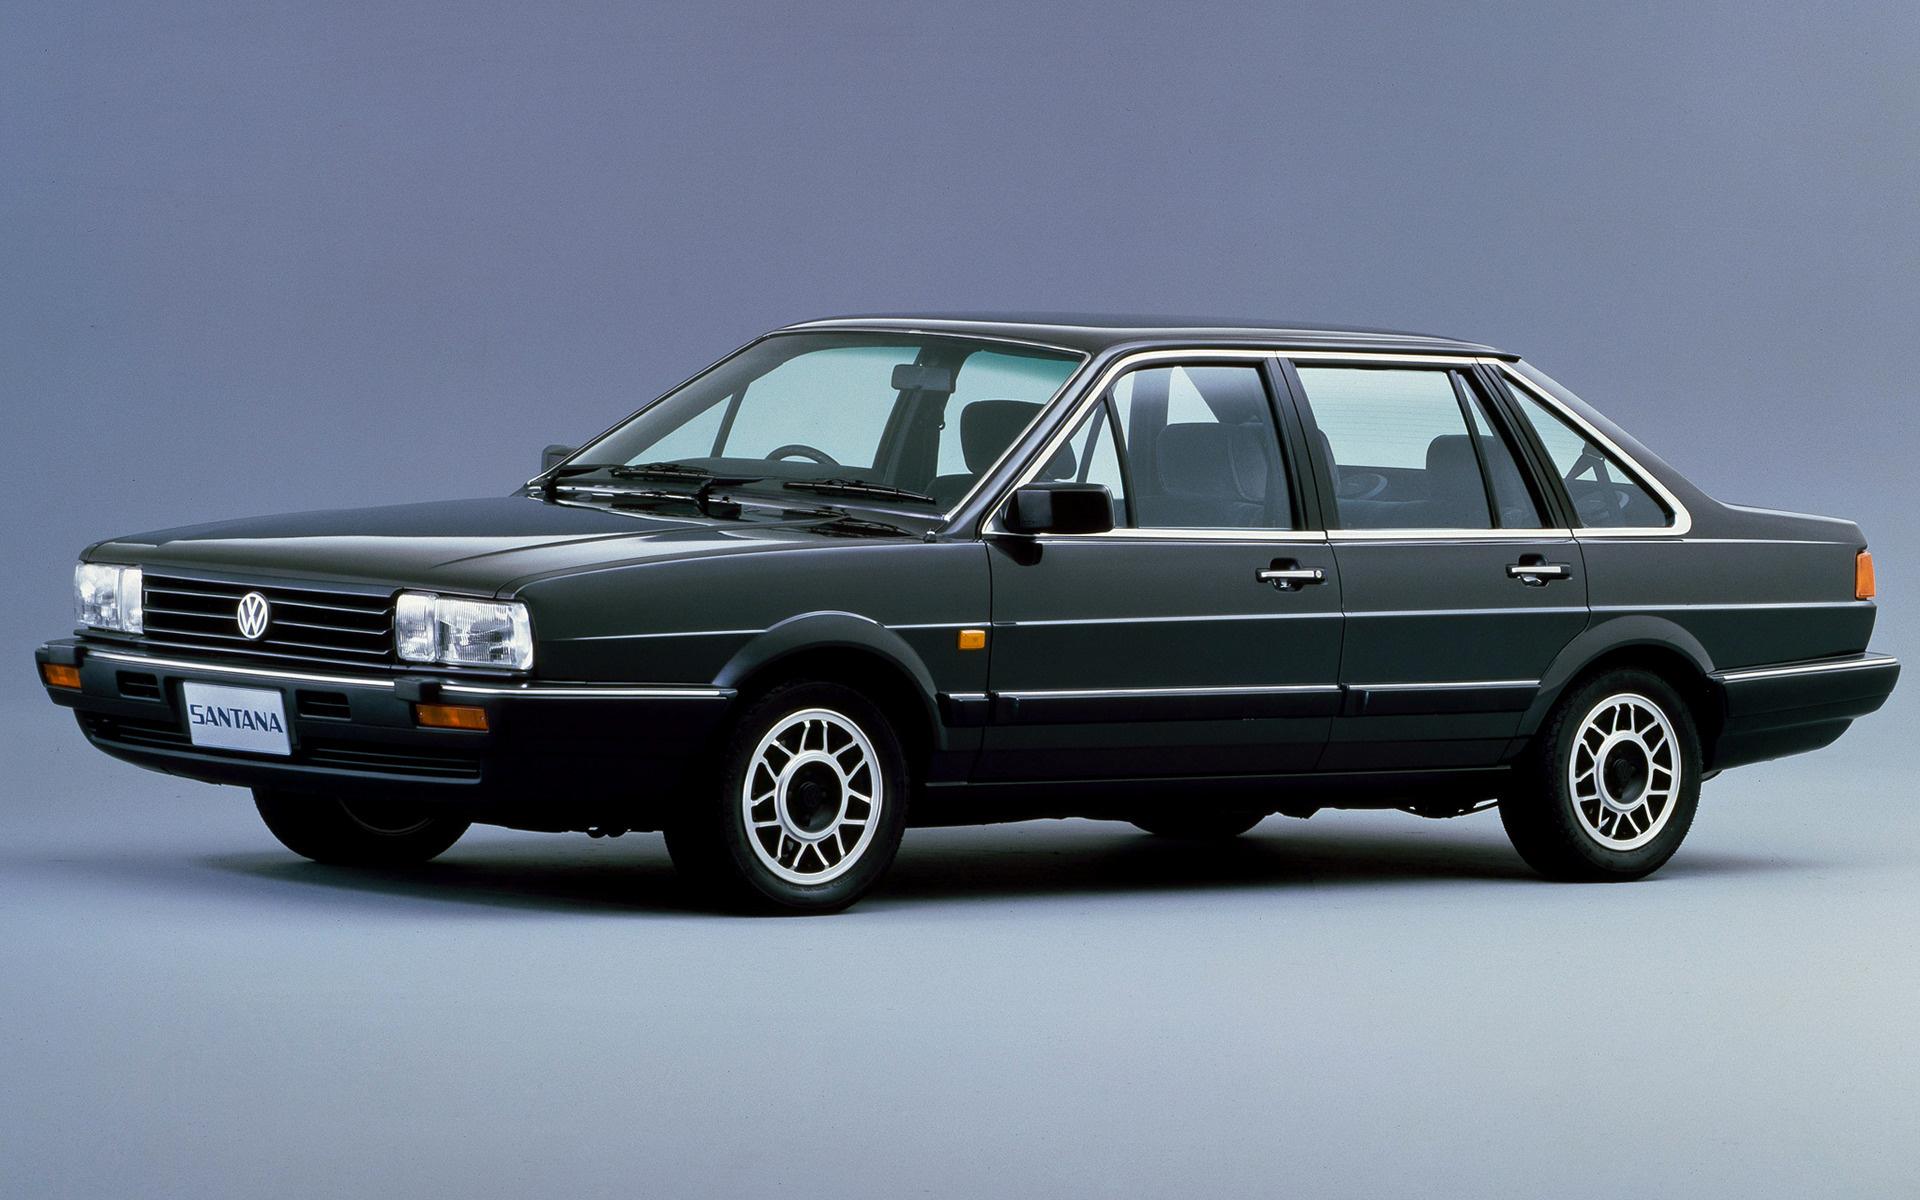 Volkswagen Santana Autobahn (1987) JP Wallpapers and HD ...